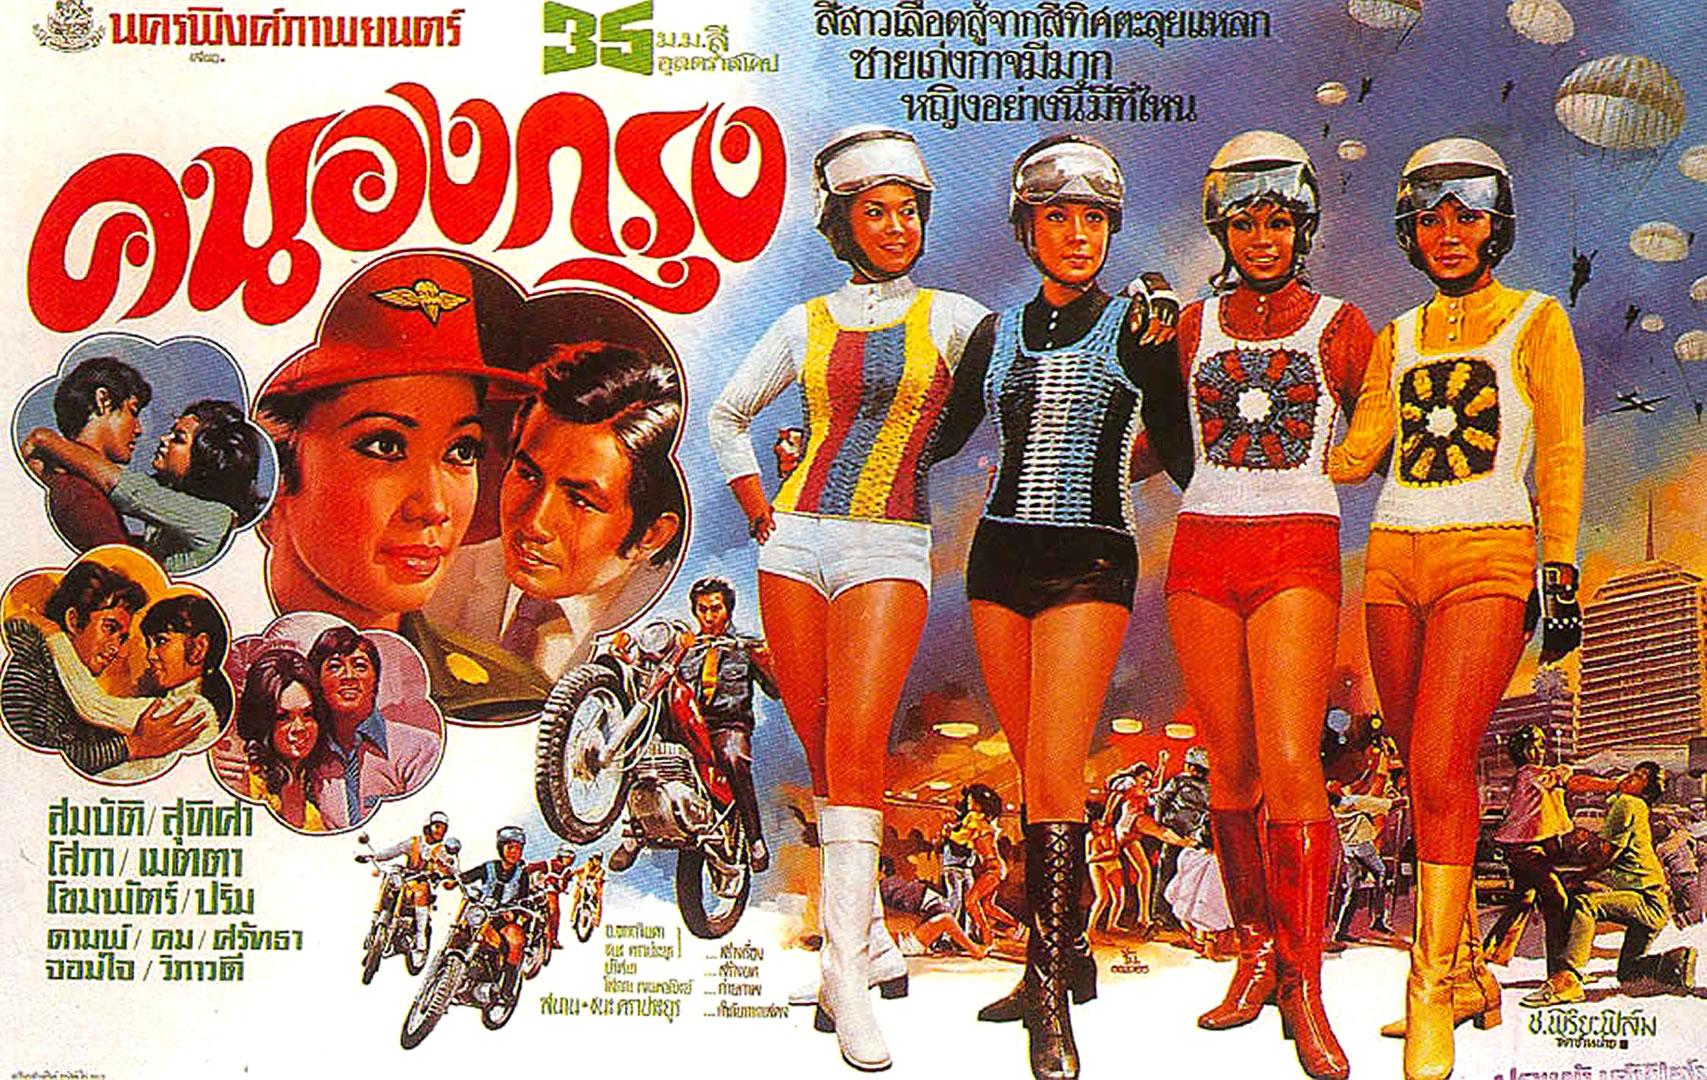 52 thai b movie posters